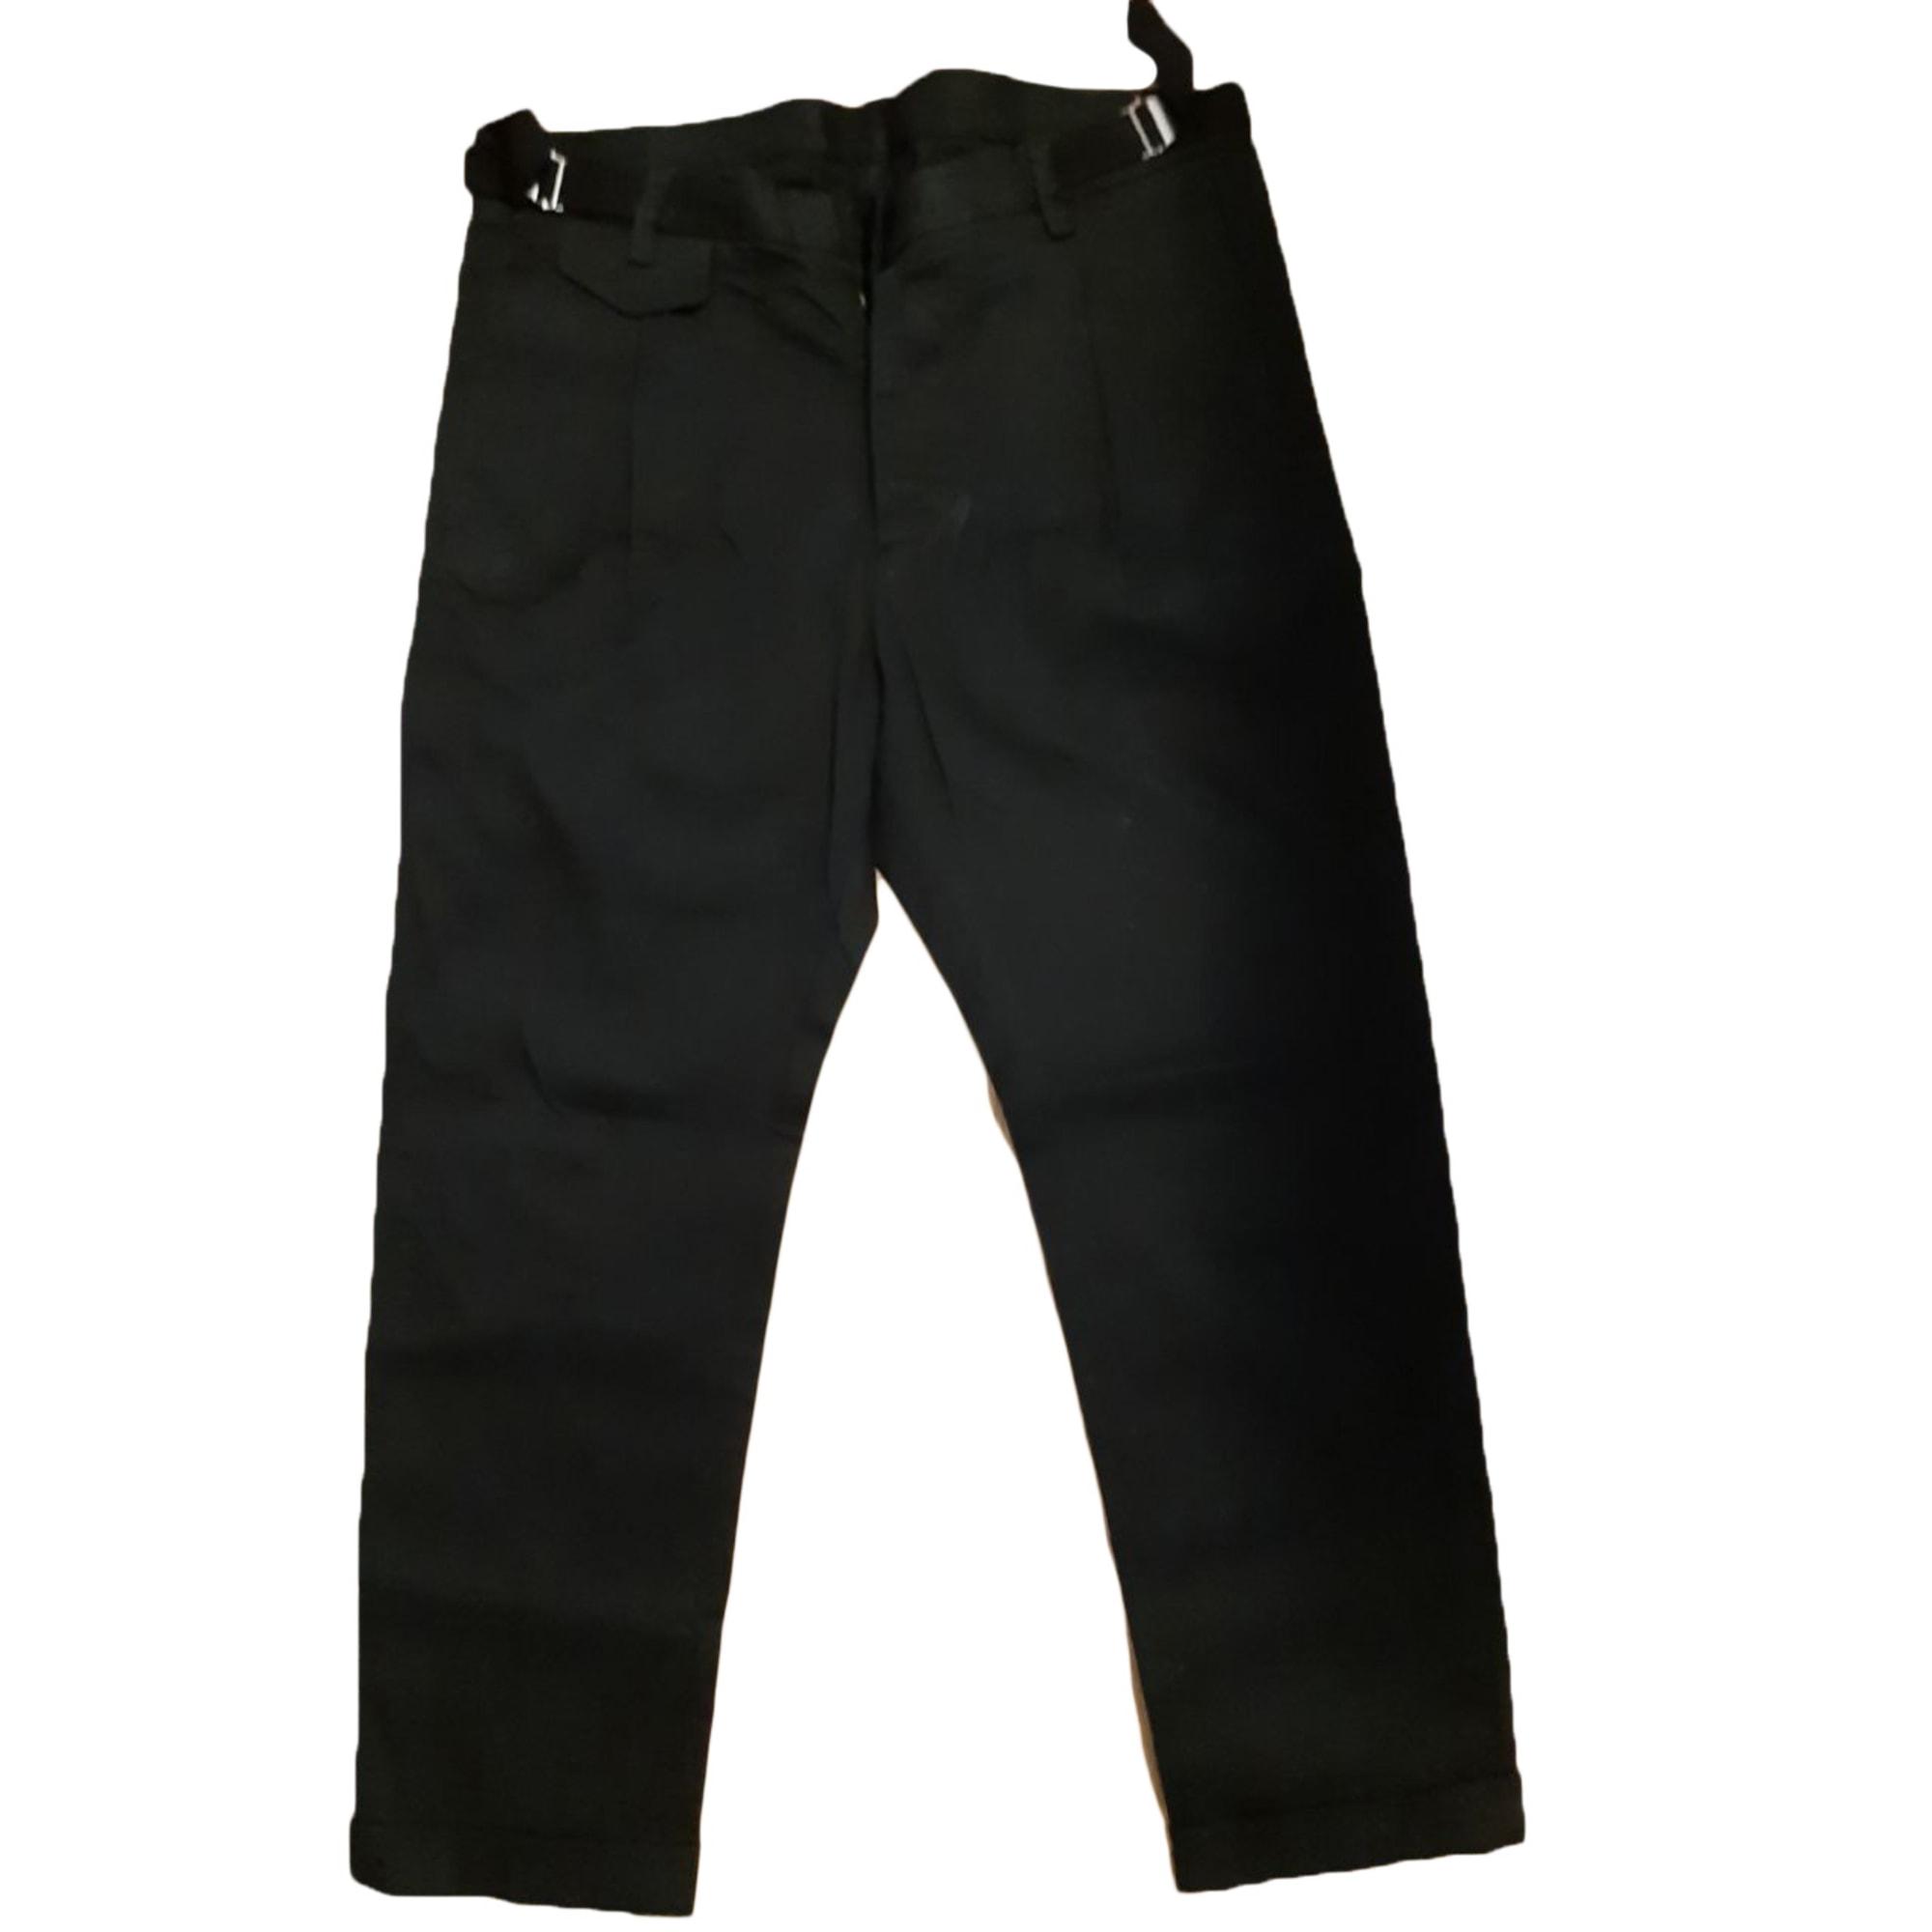 Skinny Jeans DSQUARED2 Black